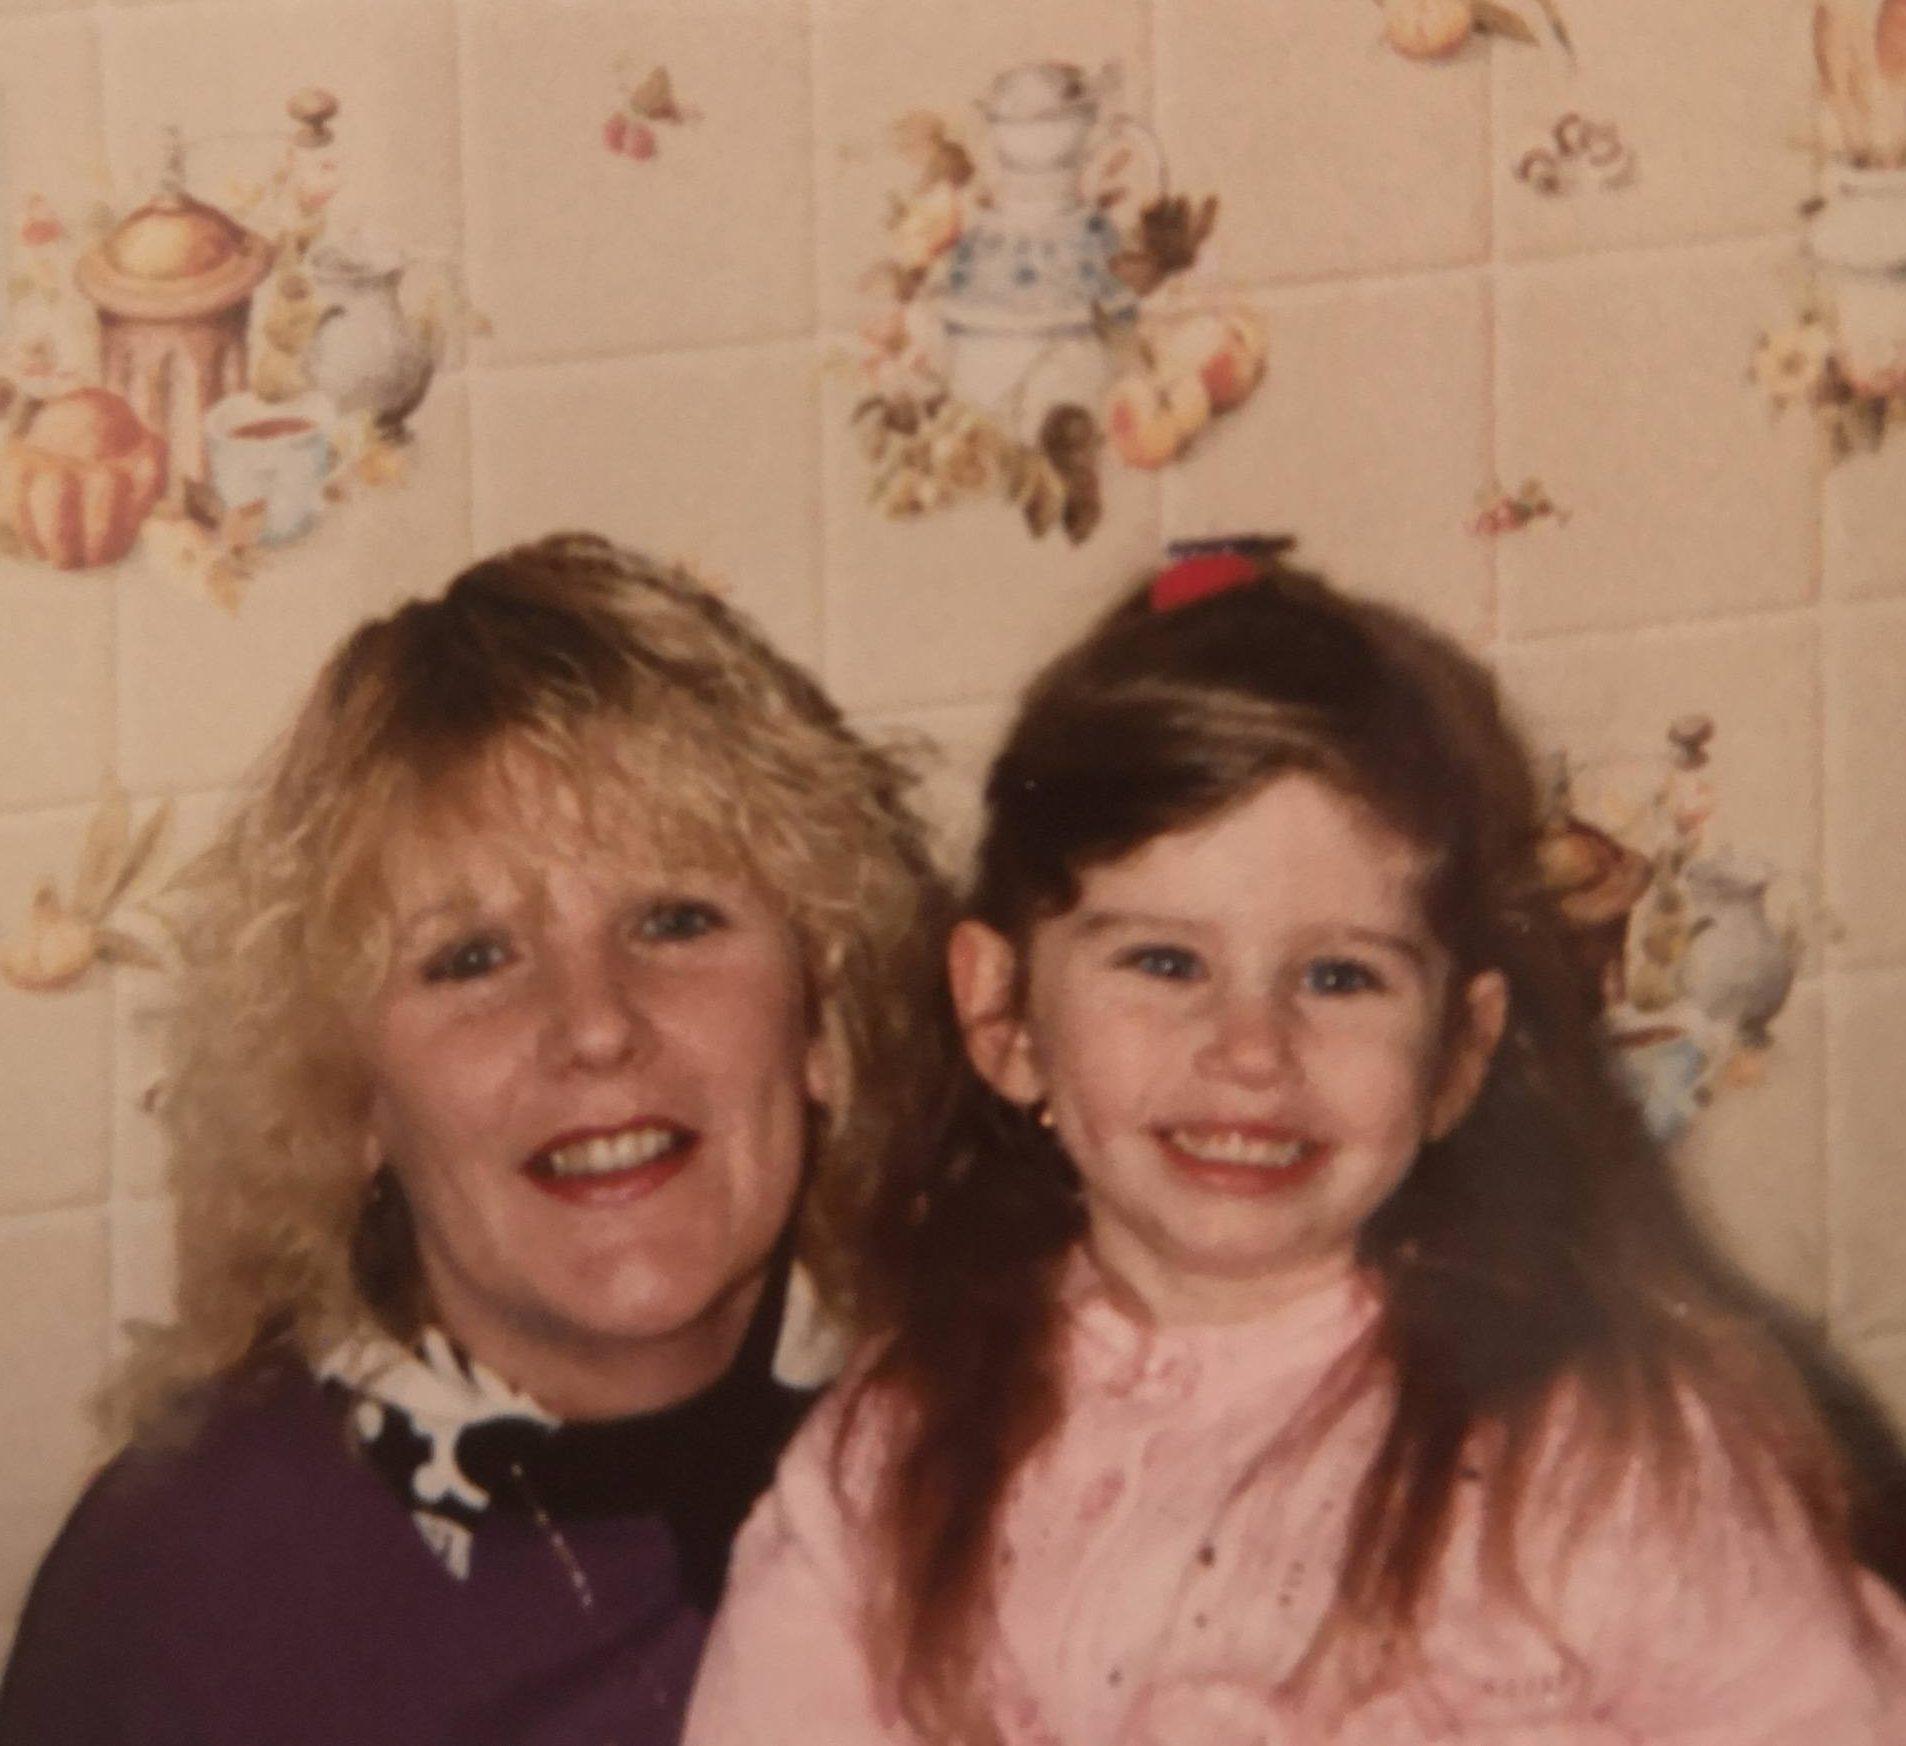 Photo d'une mère et de sa fille. Femme avec des cheveux blonds ondulés et fille avec une longue coiffure brune à moitié relevée.